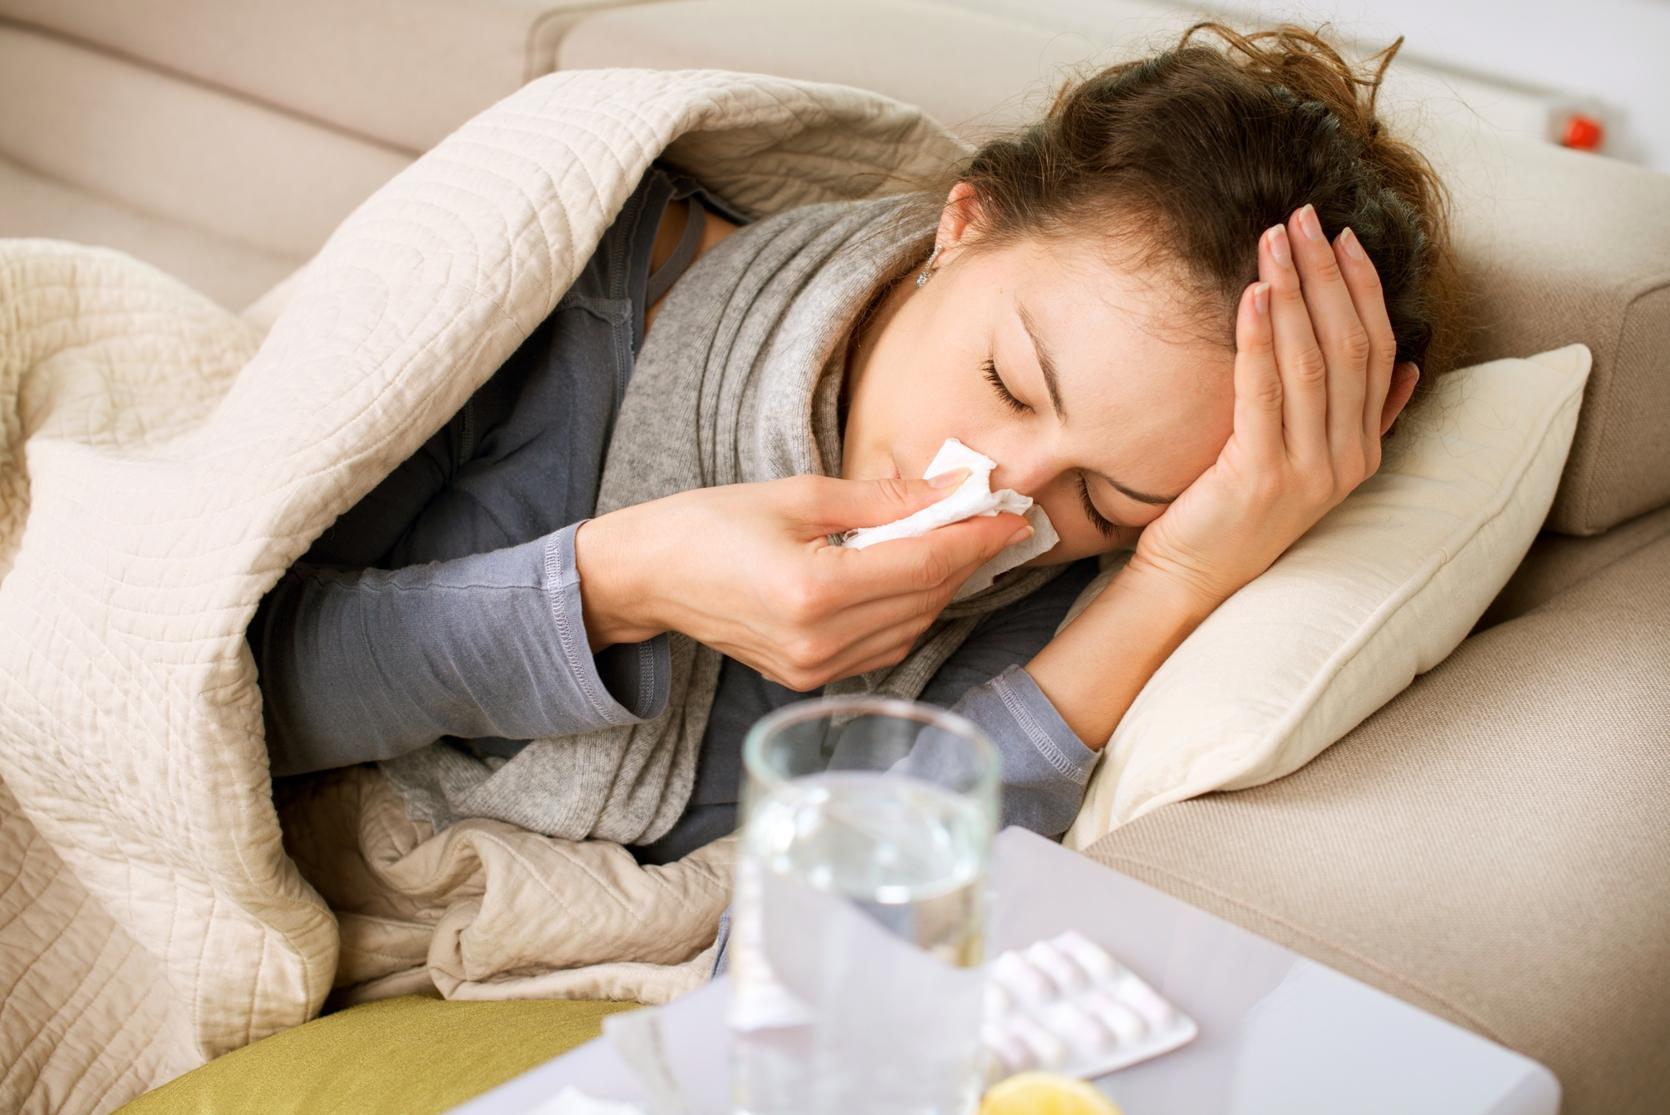 nguyên nhân gây bệnh chảy máu mũi vào ban đêm